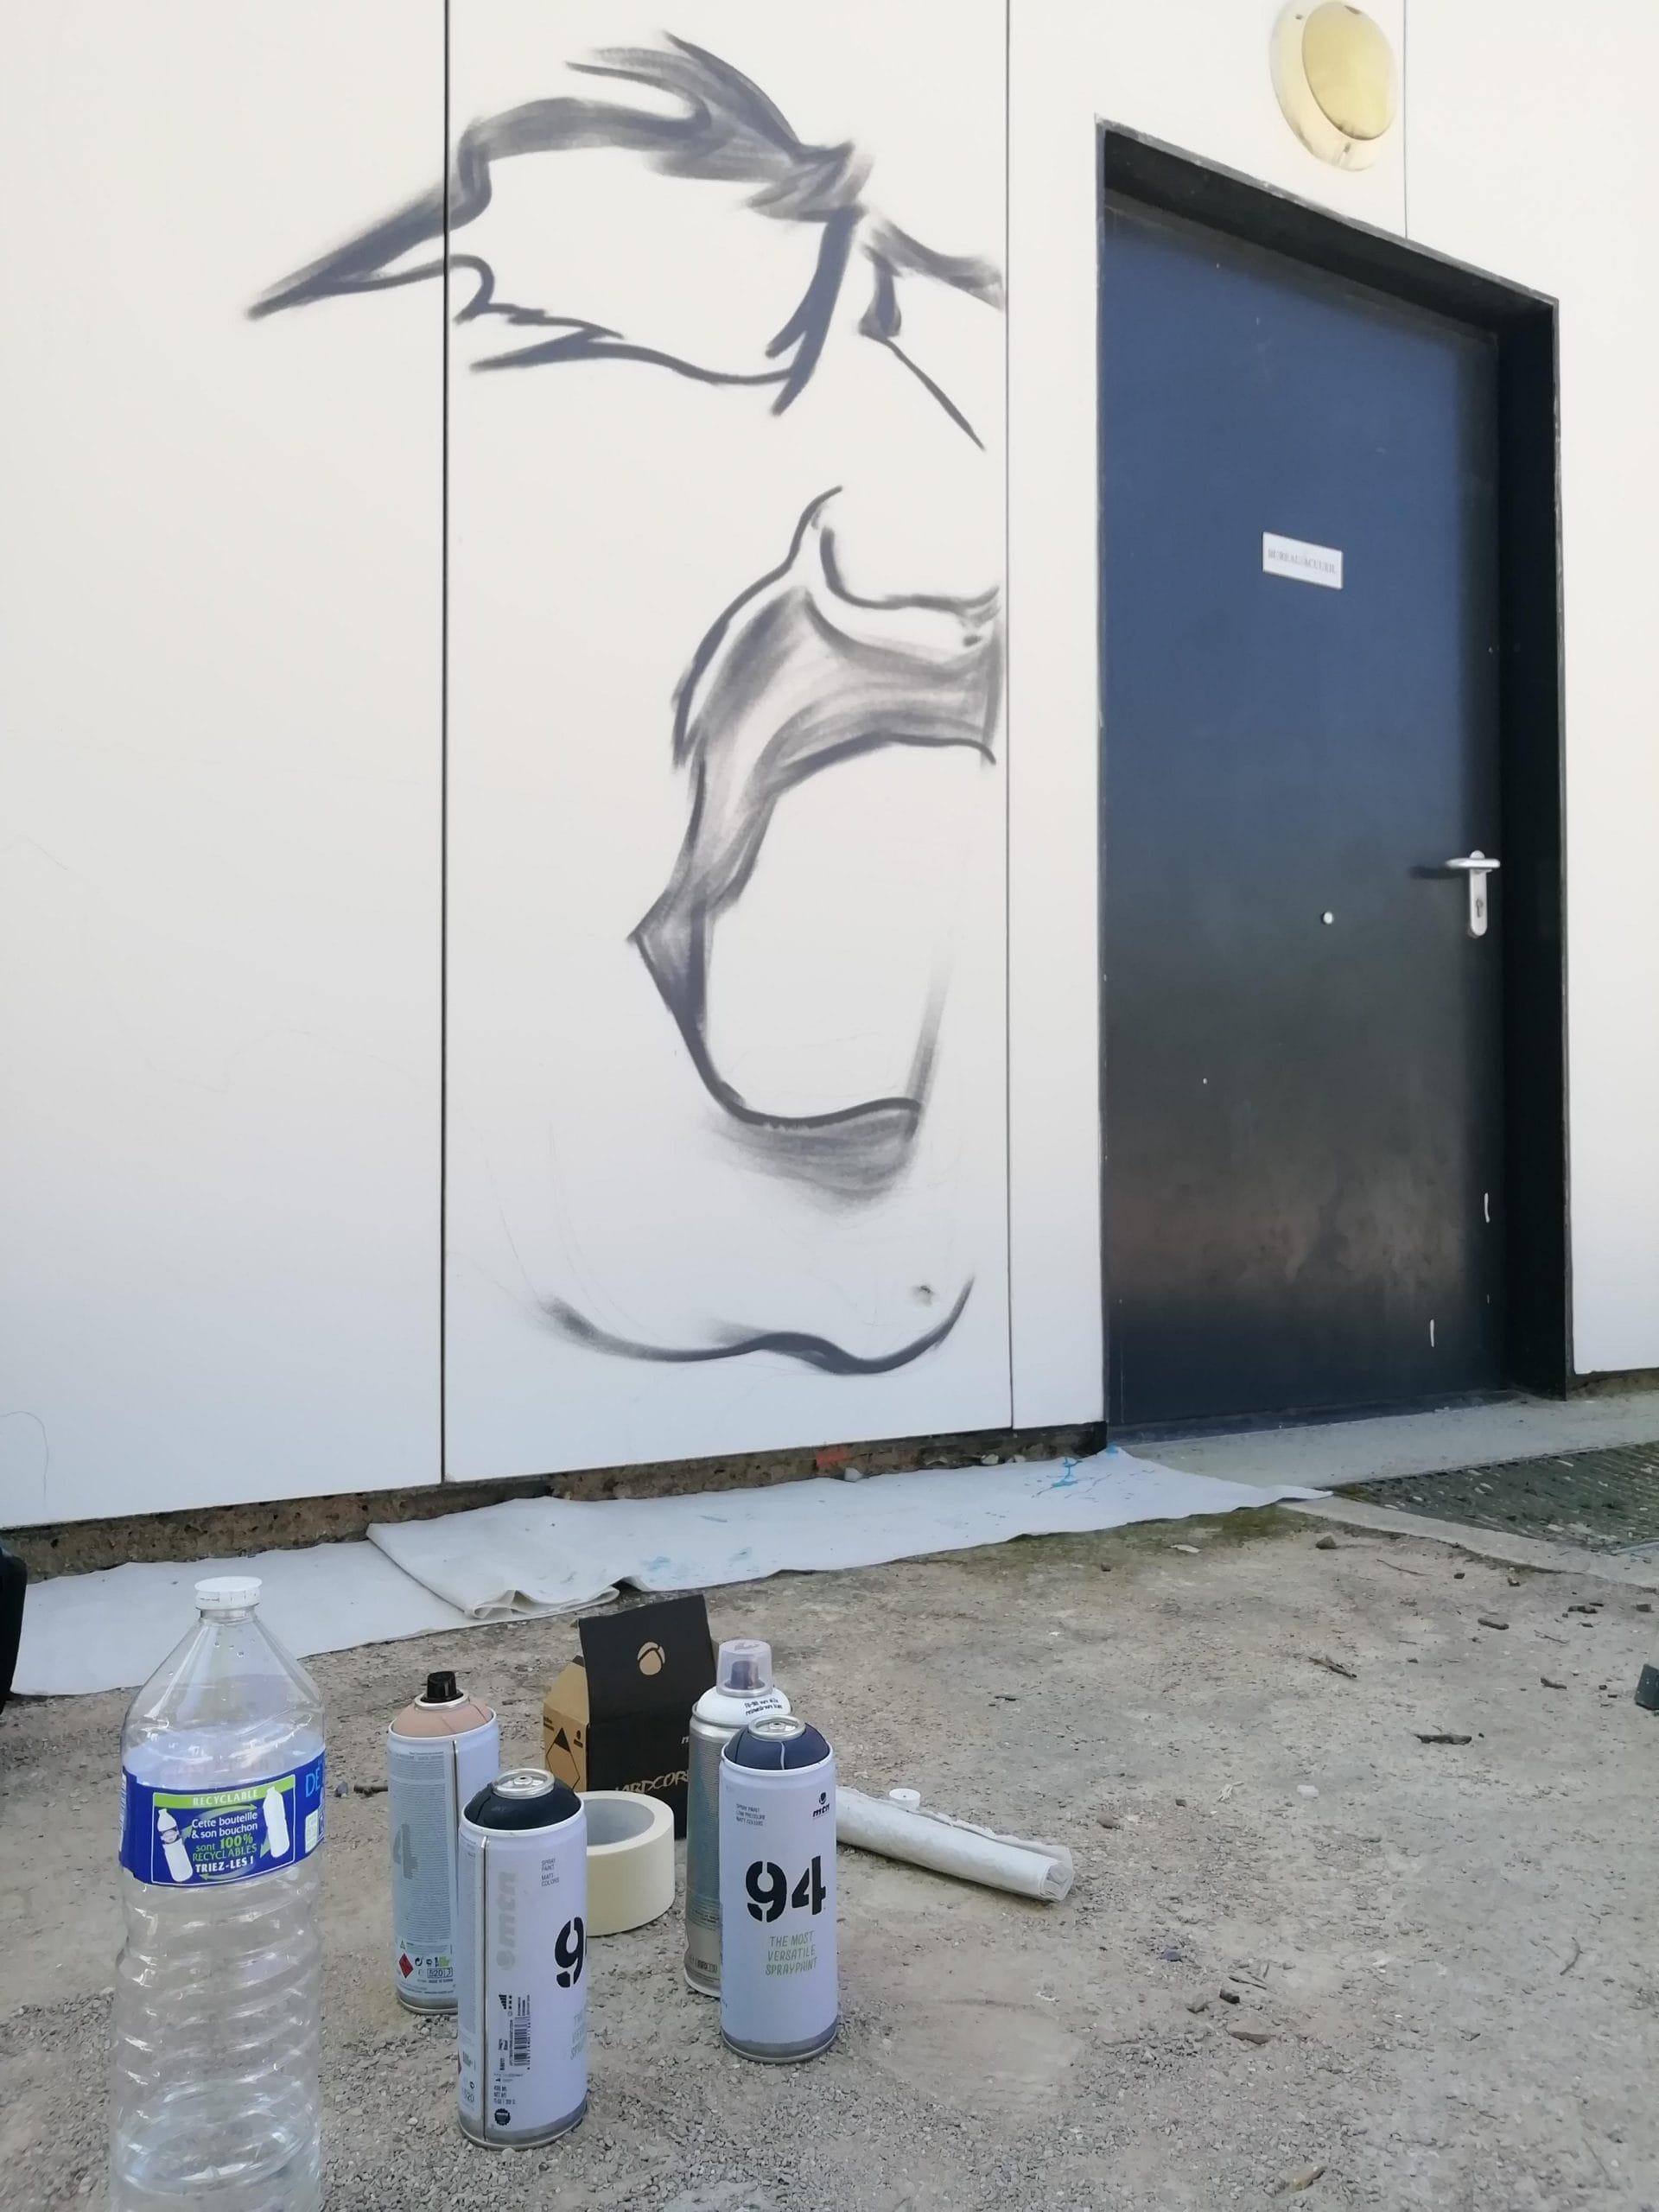 Super rendez-vous - Médiathèque Maison de quartier Léonard de Vinci - Graffiti - juillet et août 2021